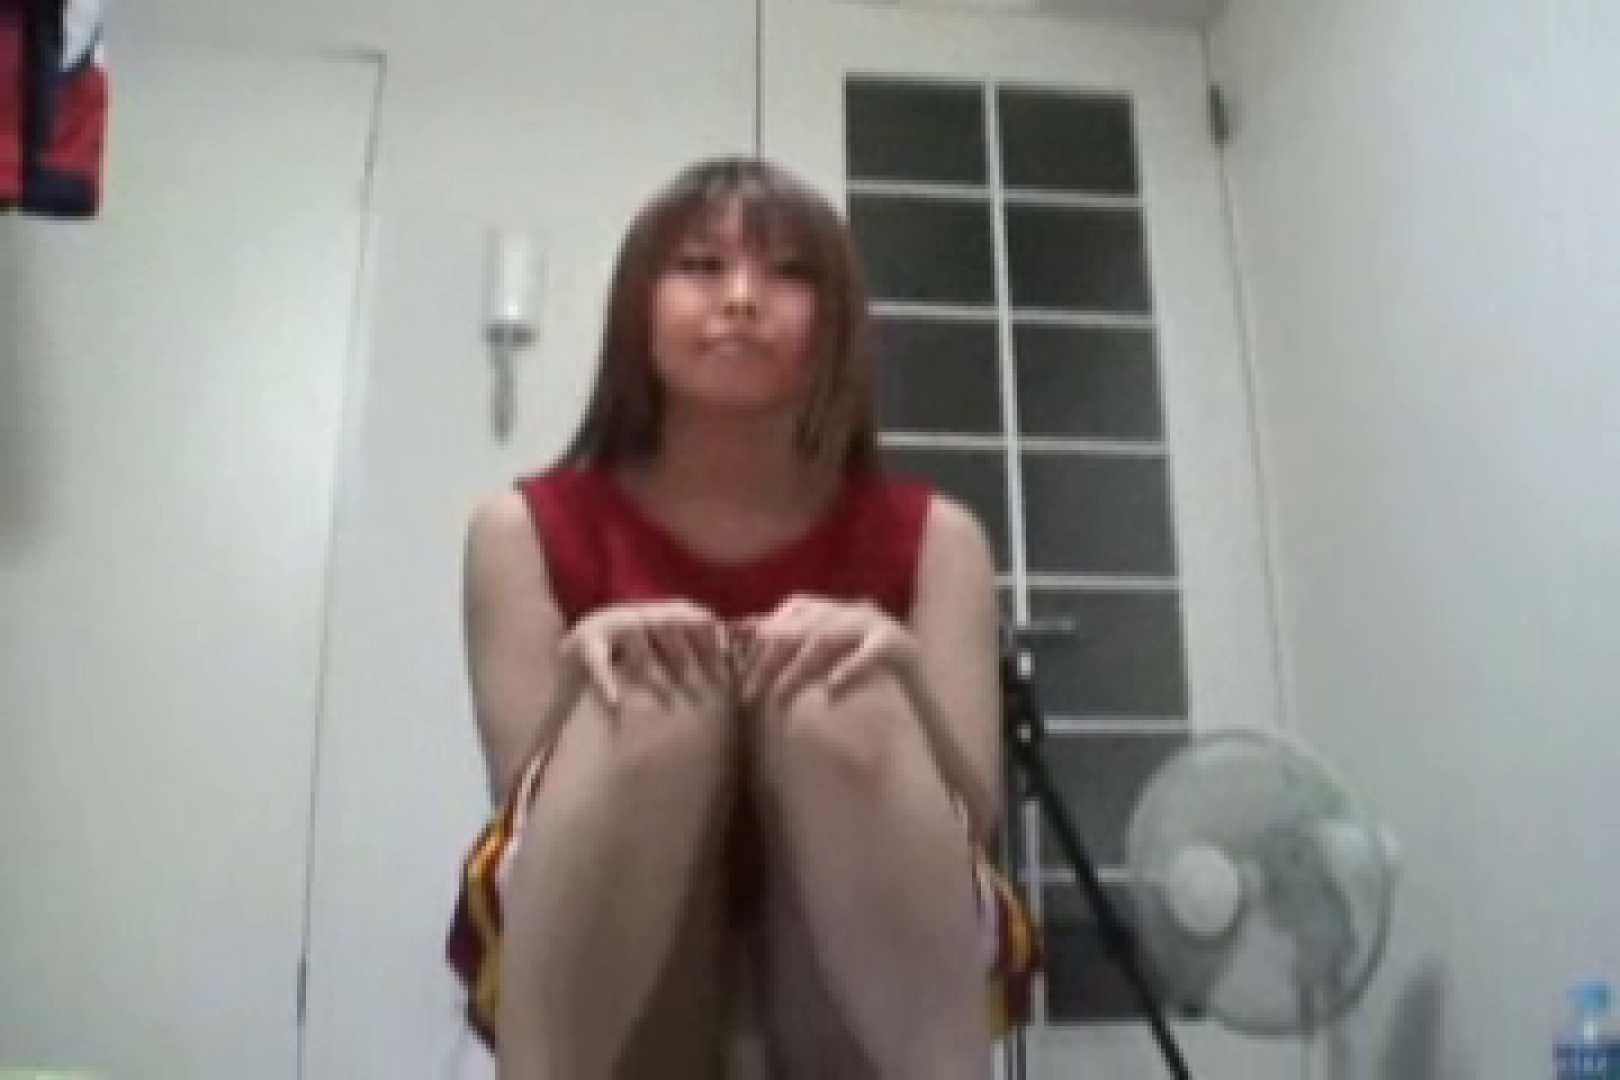 パンツ売りの女の子 ゆづきちゃんvol.2 フェラ のぞき動画画像 66PIX 23